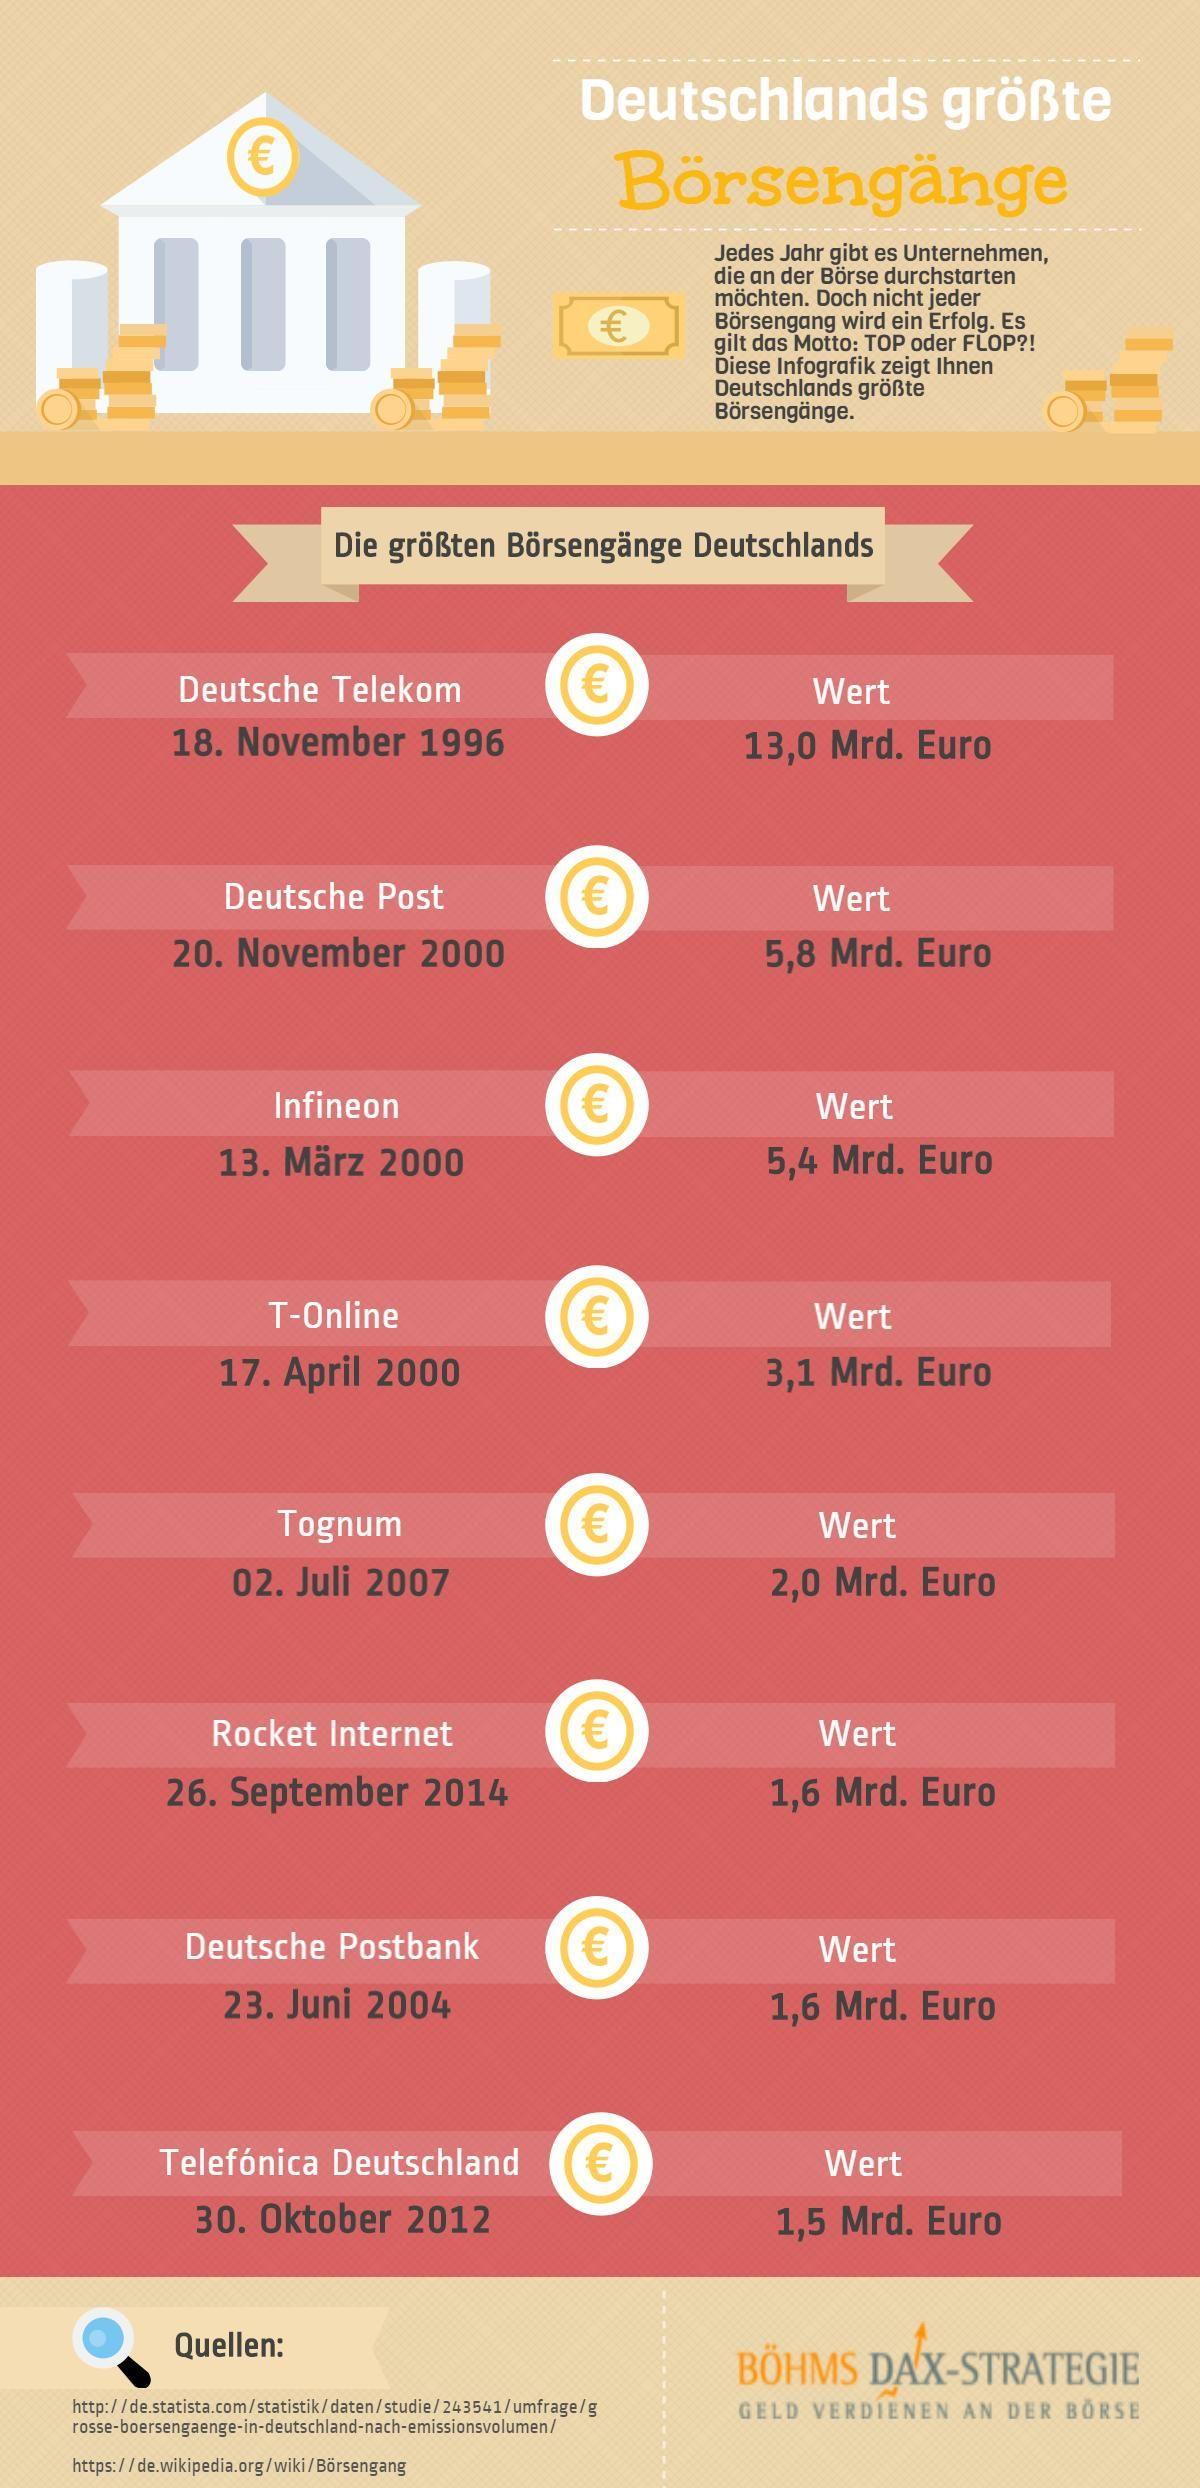 Die größten Börsengänge Deutschlands > Viele weitere